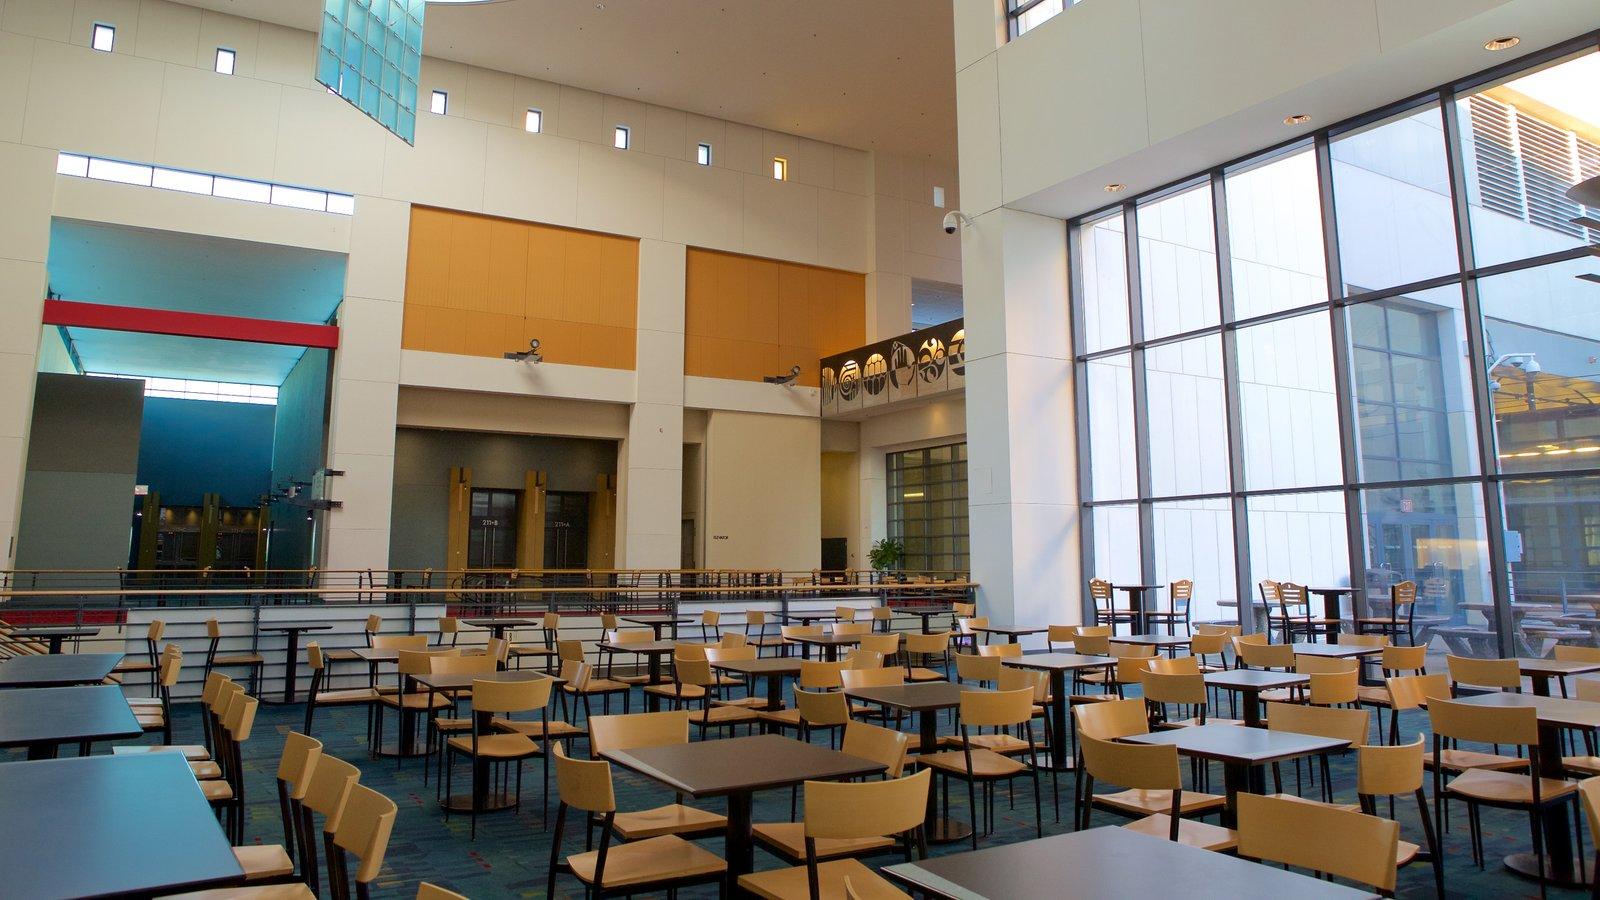 Charlotte Convention Center que inclui vistas internas e arquitetura moderna